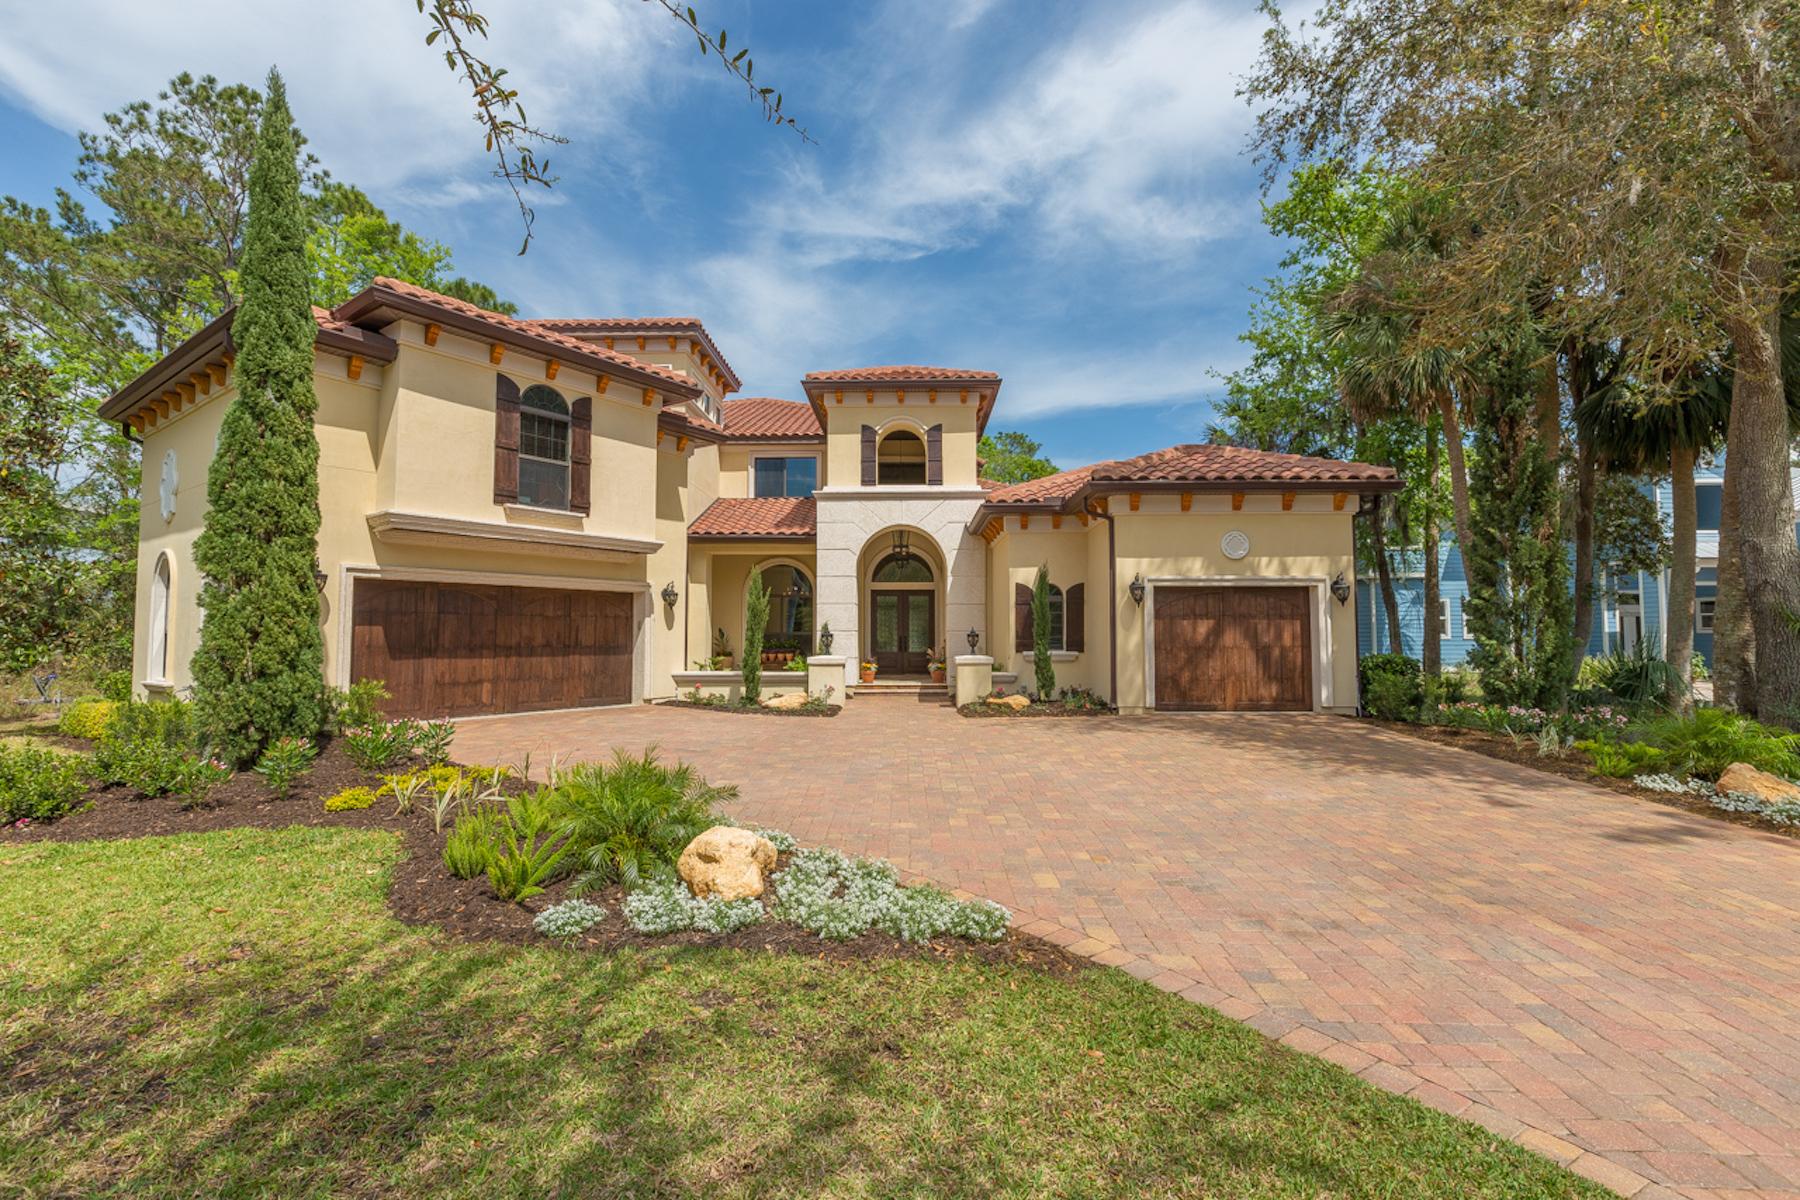 一戸建て のために 売買 アット Ponte Vedra Intracoastal Home 120 Preserve Haven View Ponte Vedra Beach, フロリダ, 32081 アメリカ合衆国